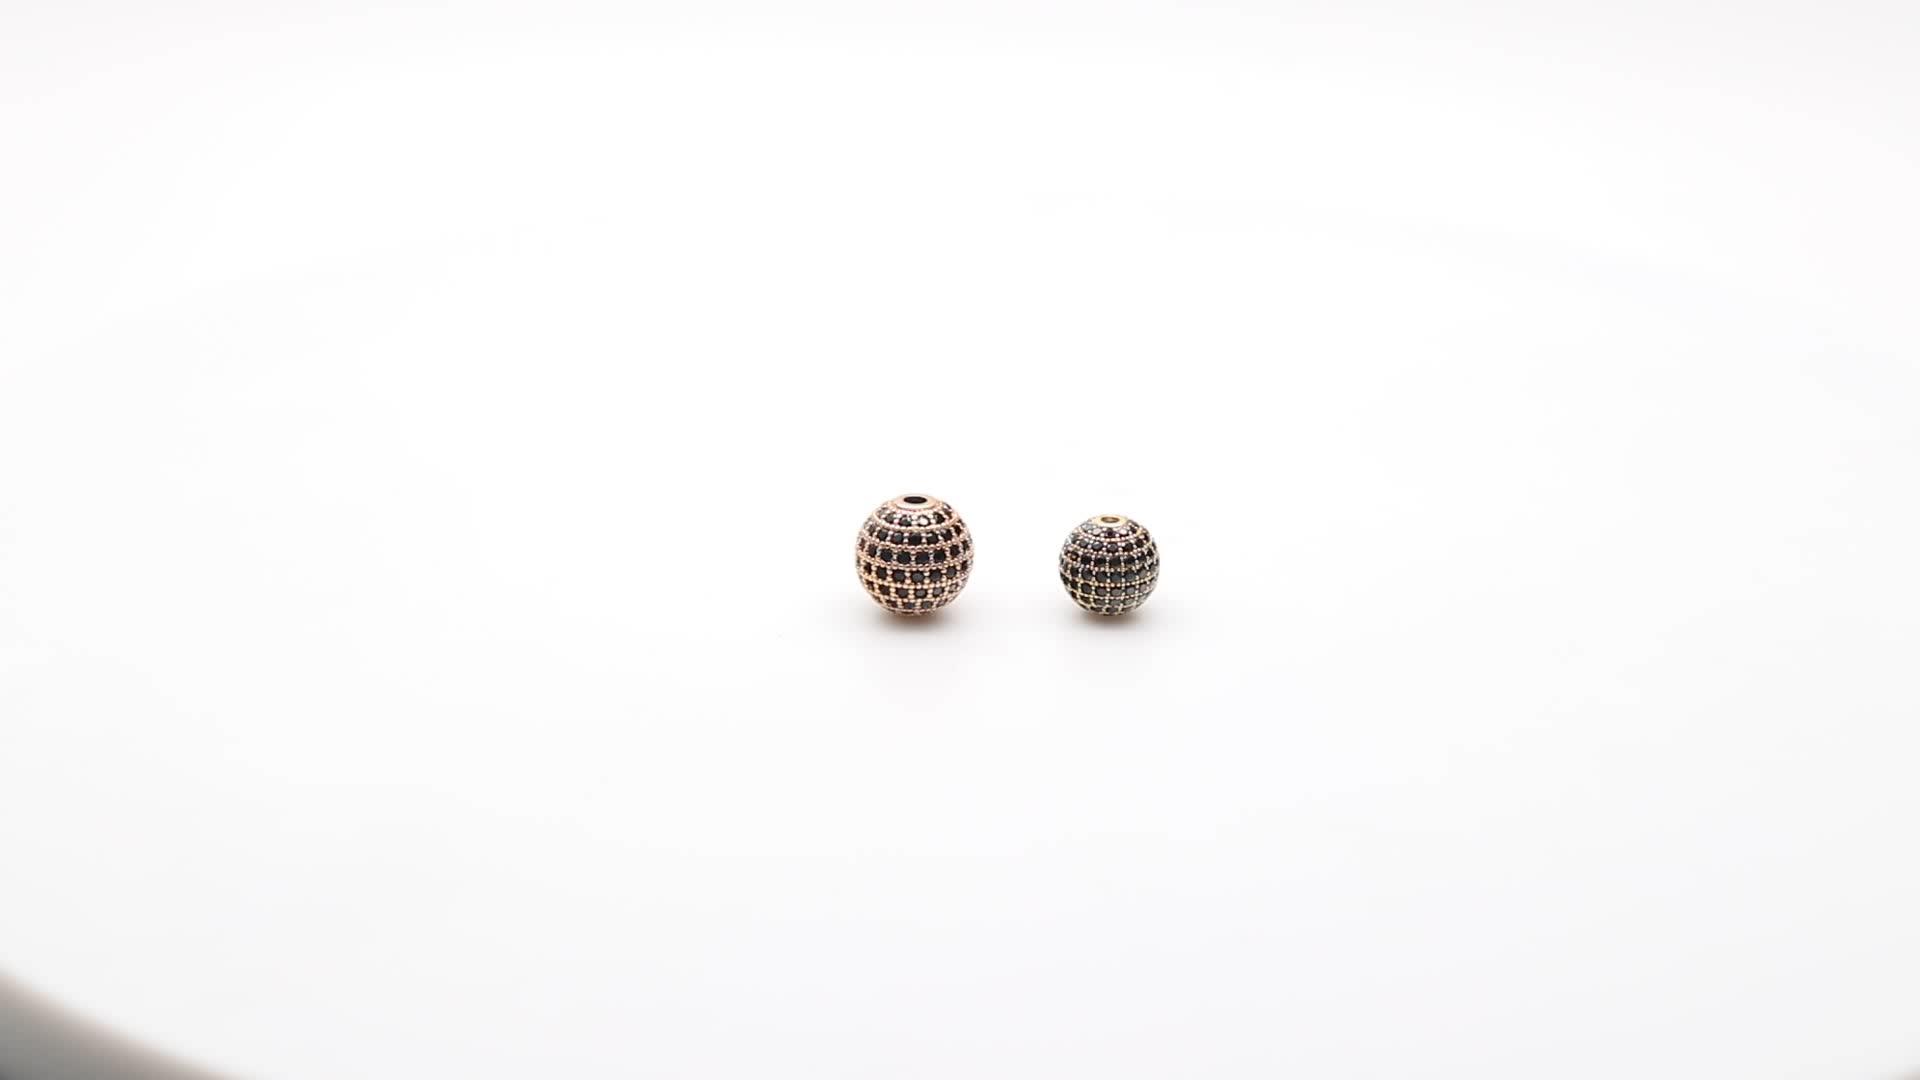 אופנה יוניסקס בעבודת יד טבעי עין נמר צמיד מיקרו פייב CZ זירקון כדור קלוע נירוסטה חרוז צמיד